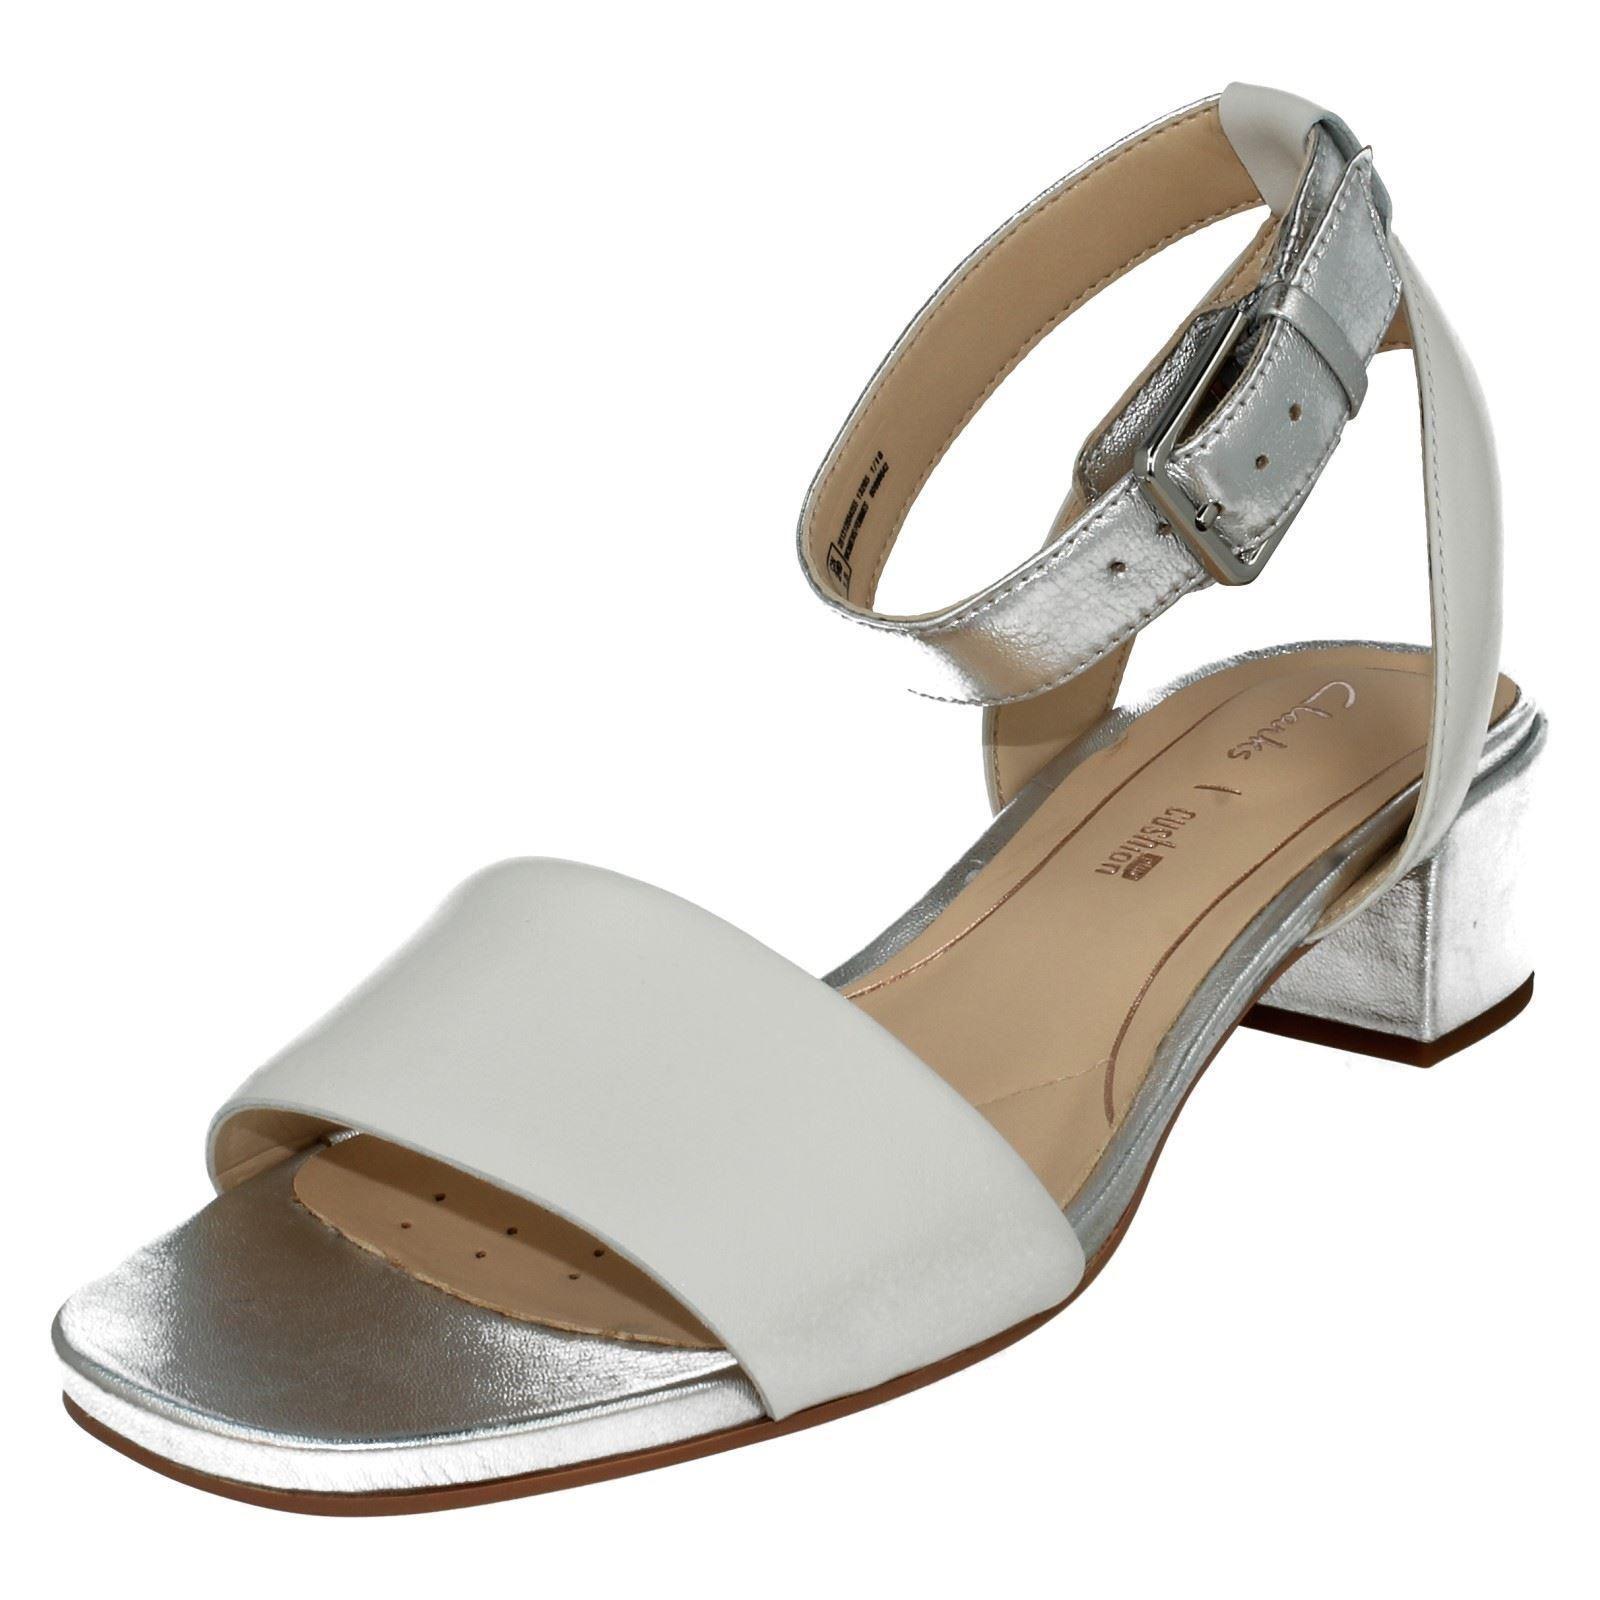 Damen Orabella Rose Hoch Knöchelriemen Clarks Sandalen von Clarks Knöchelriemen 1b484c